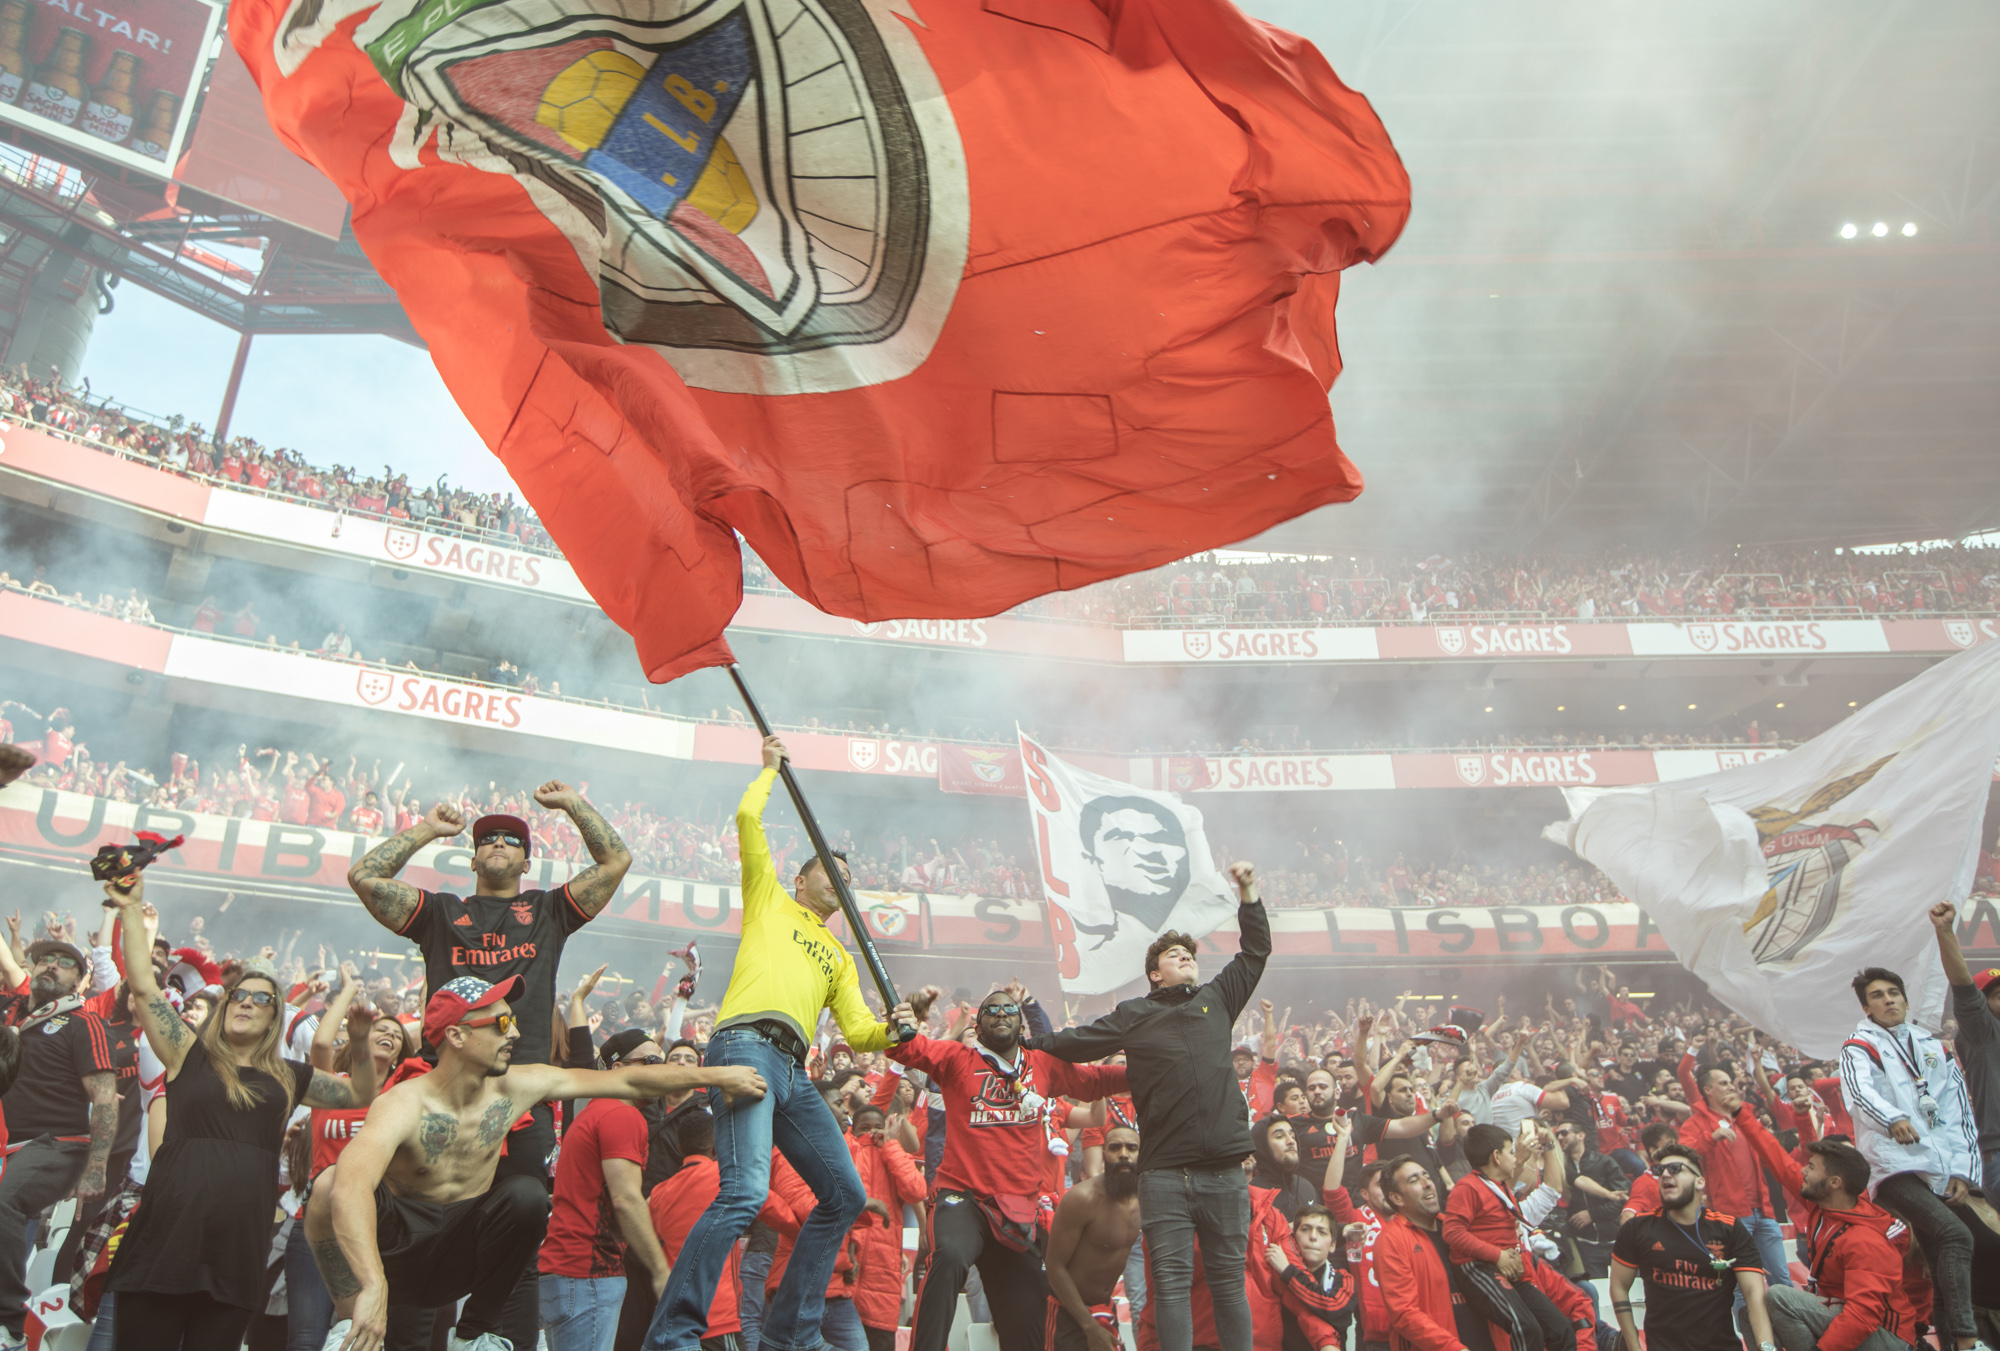 Portugal, Lissabon, Estadio da Luz, Stadion von Benfica Lissabon, Fans während eines Fussballspiels